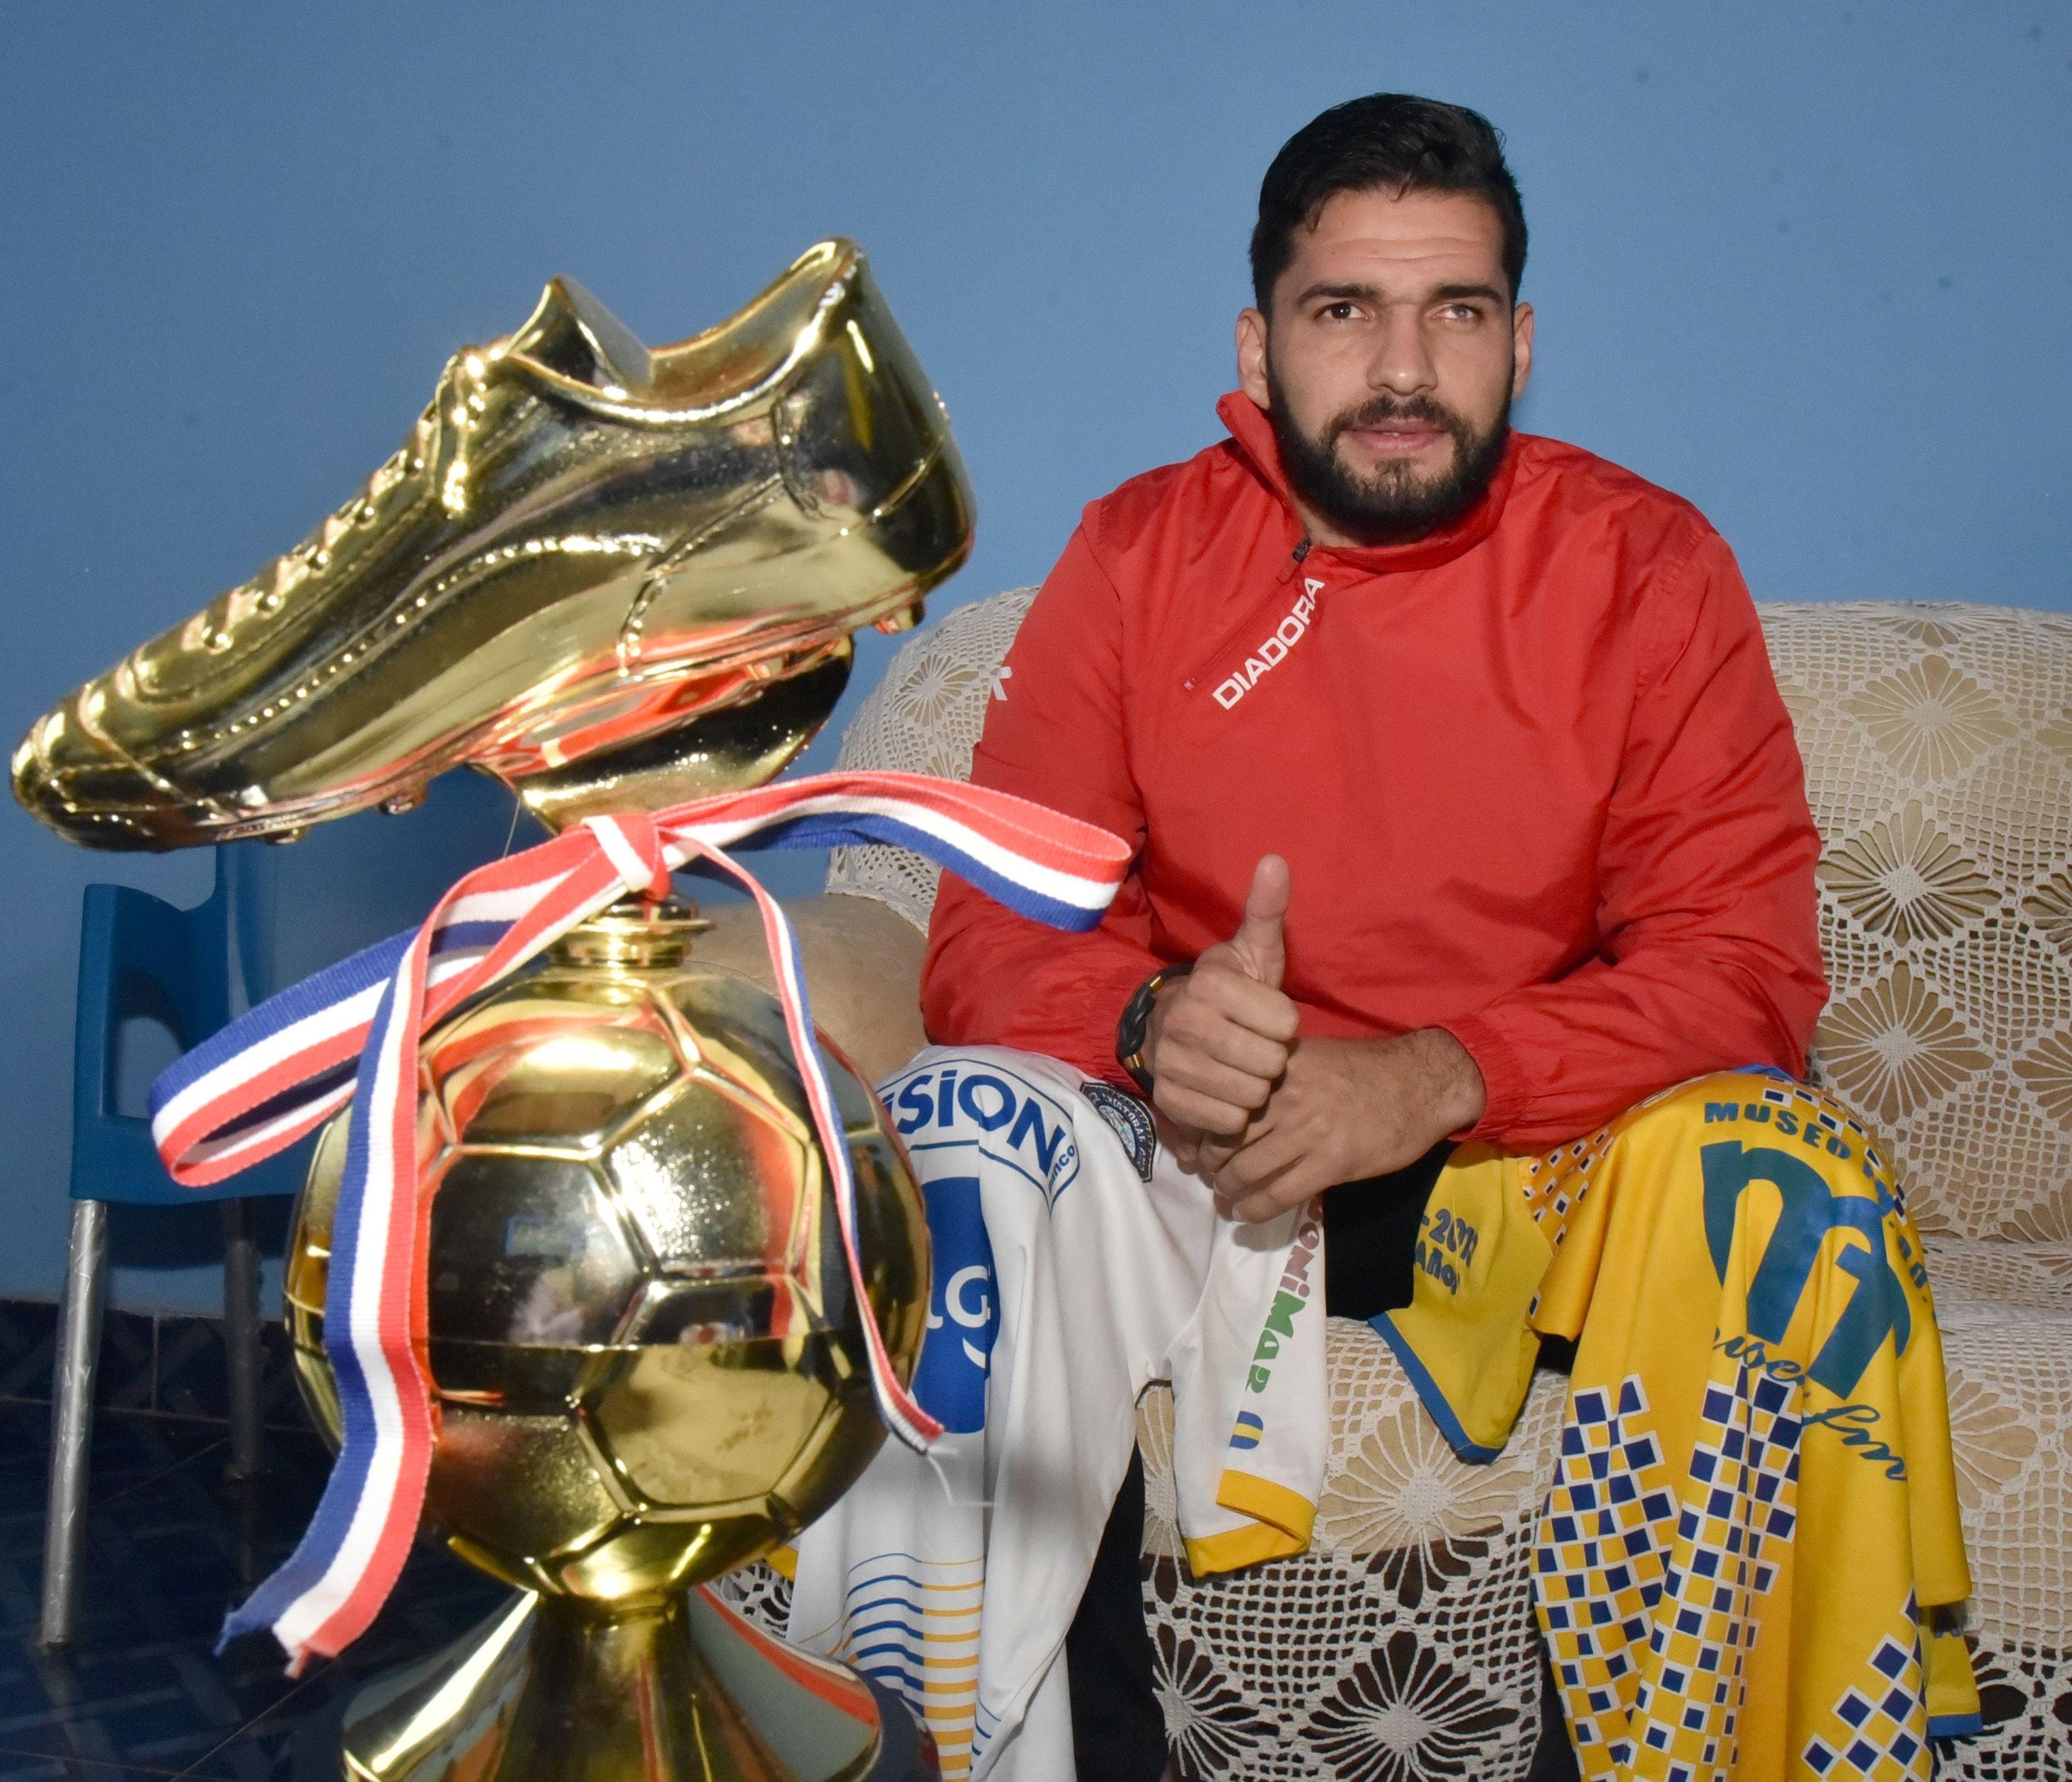 Mario Ricardo